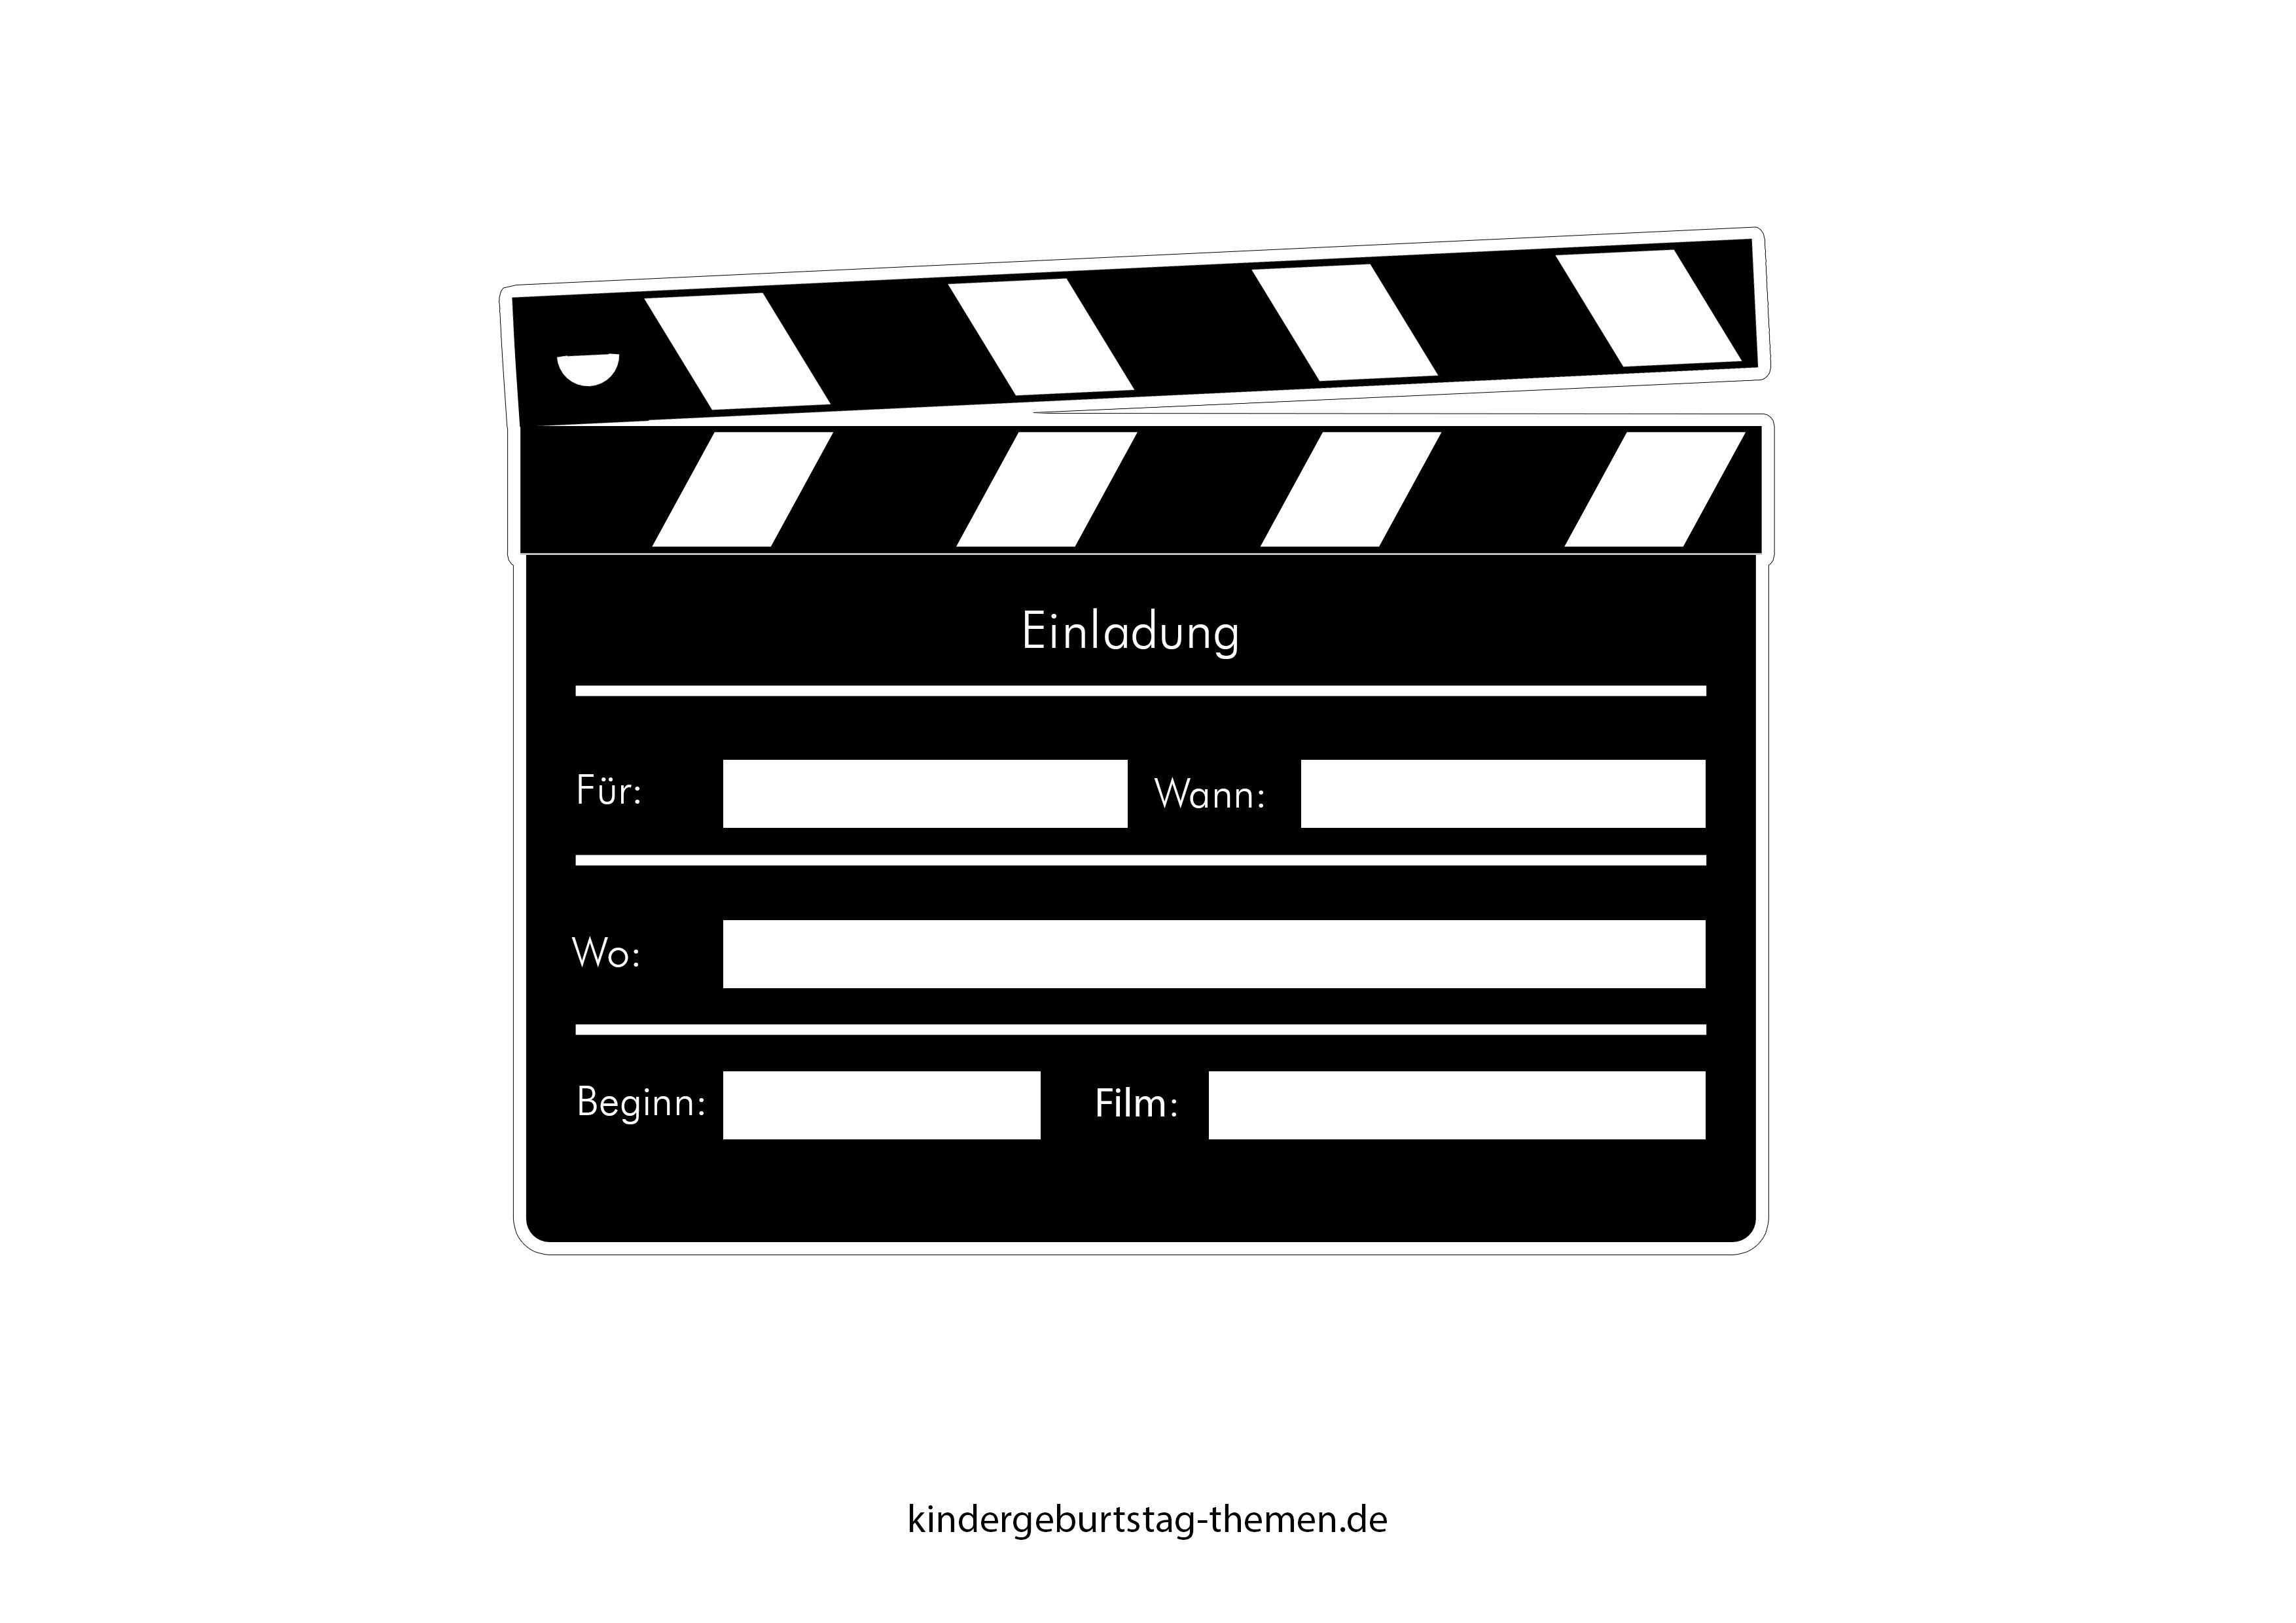 Am Heissesten Schnappschusse Einladung Kino Kunsthandwerk Lustig